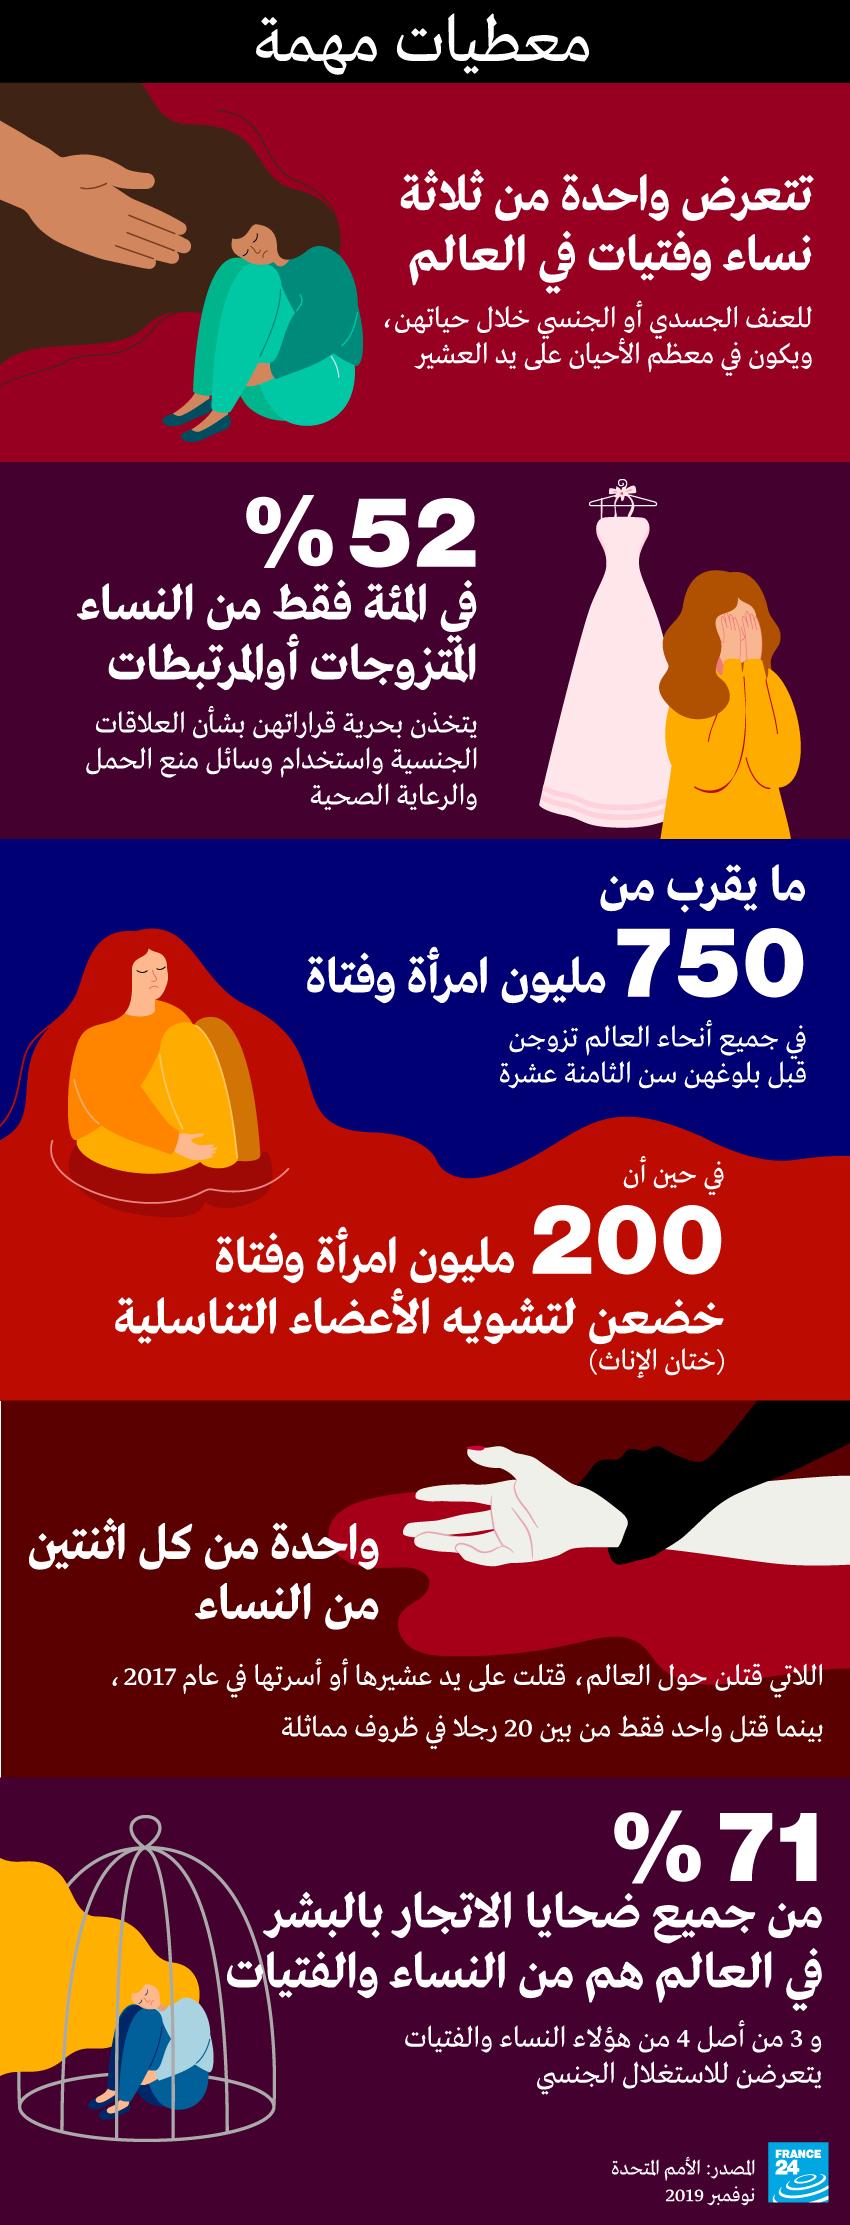 اليوم العالمي لمحاربة العنف ضد النساء